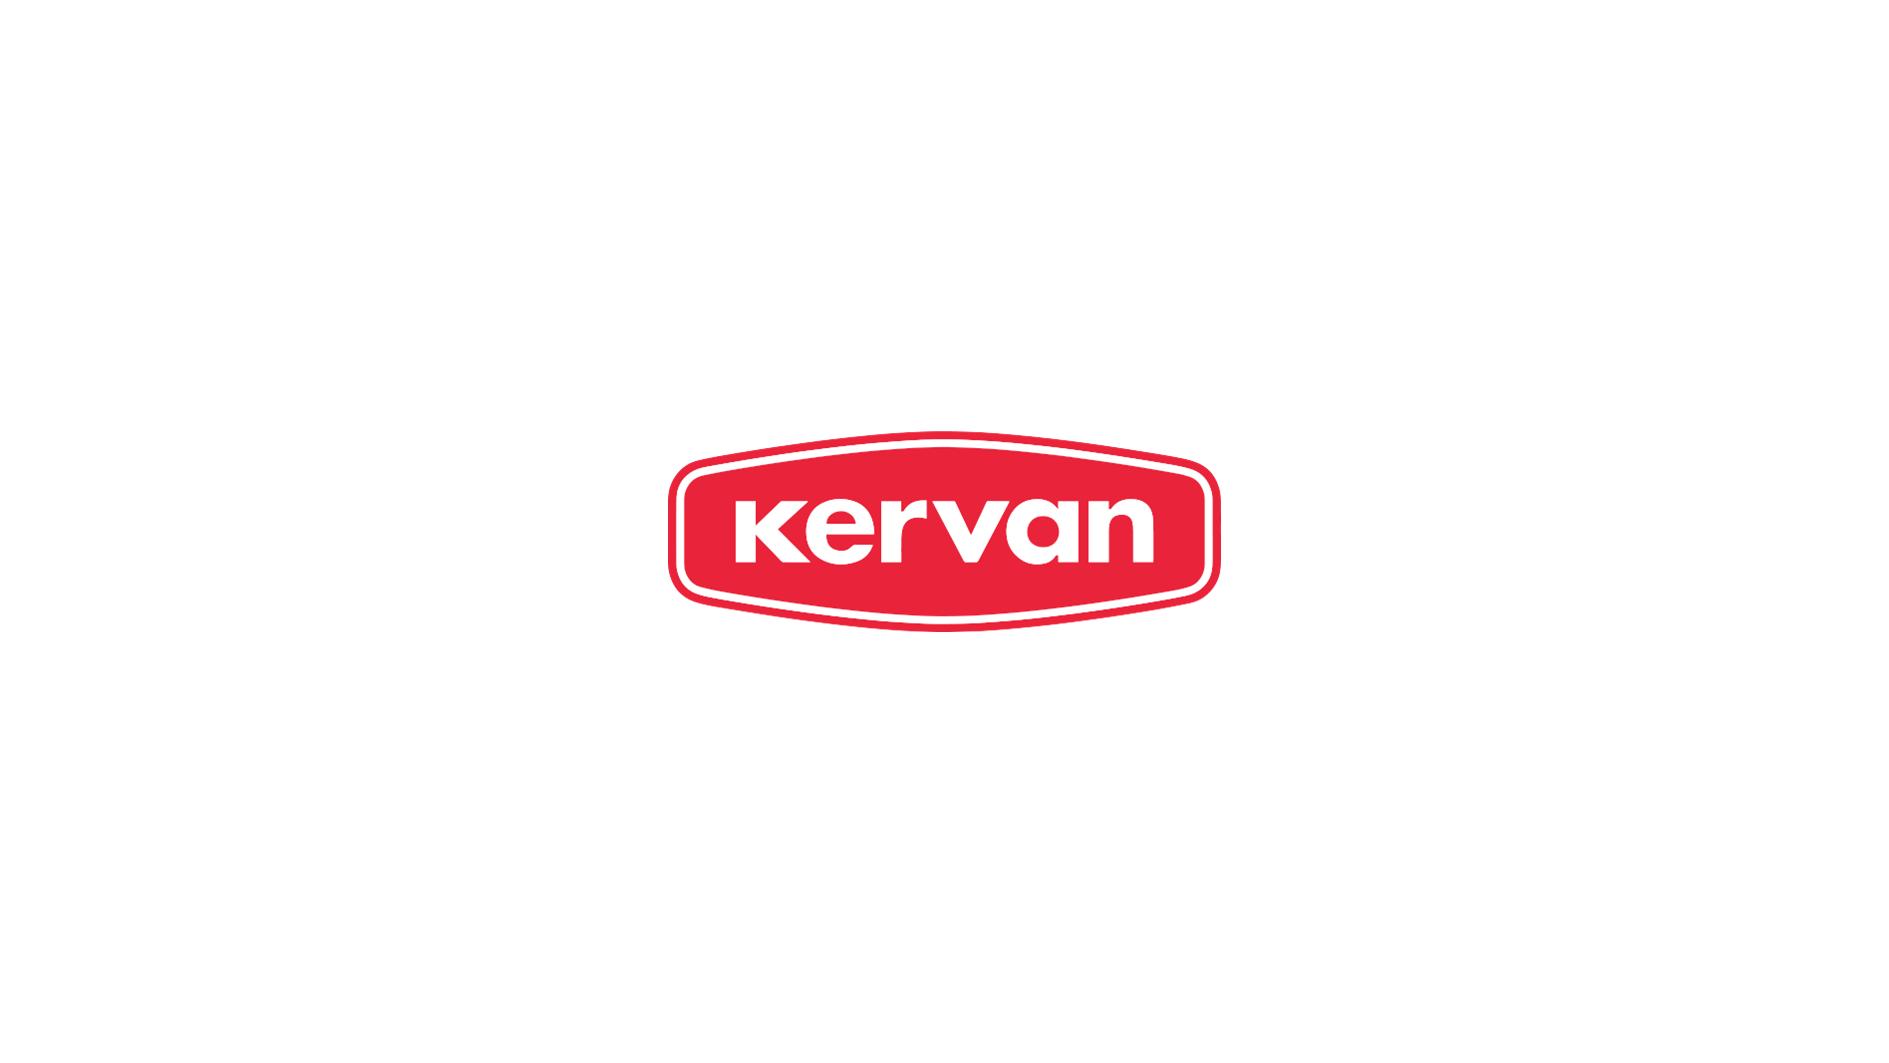 kervan-logo